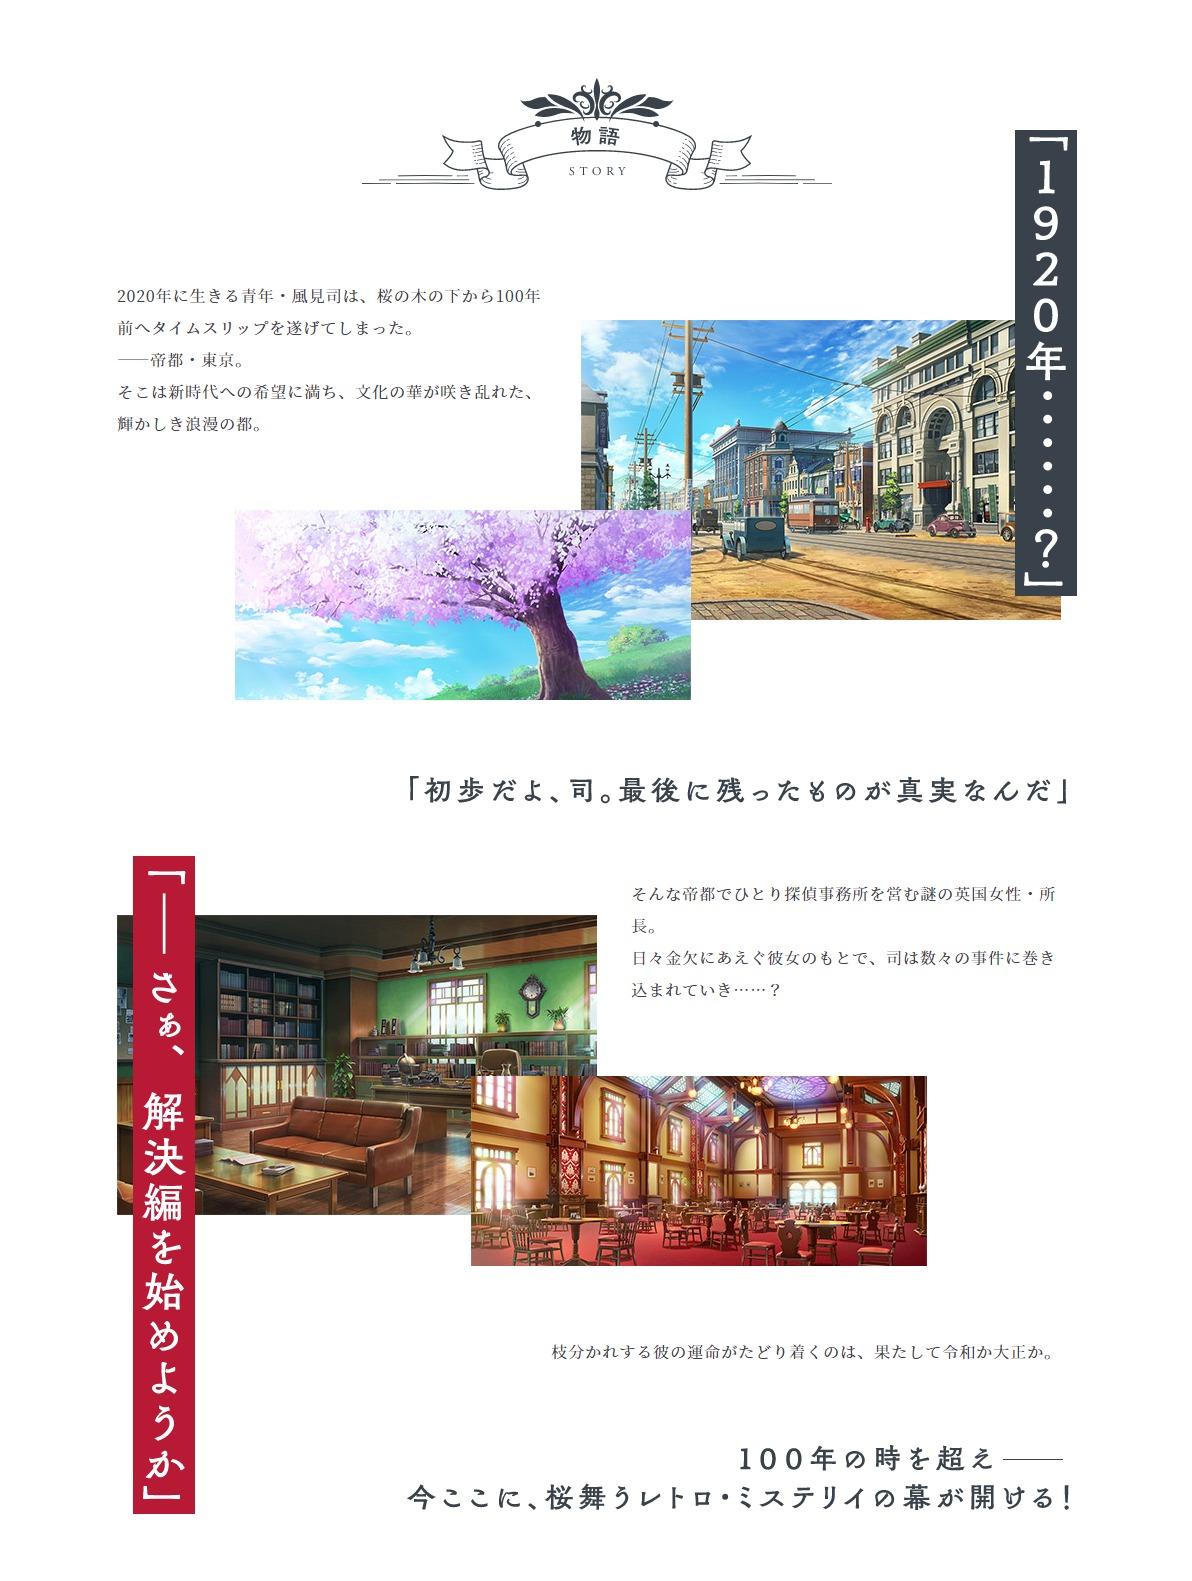 story_202005221848306d3.jpg